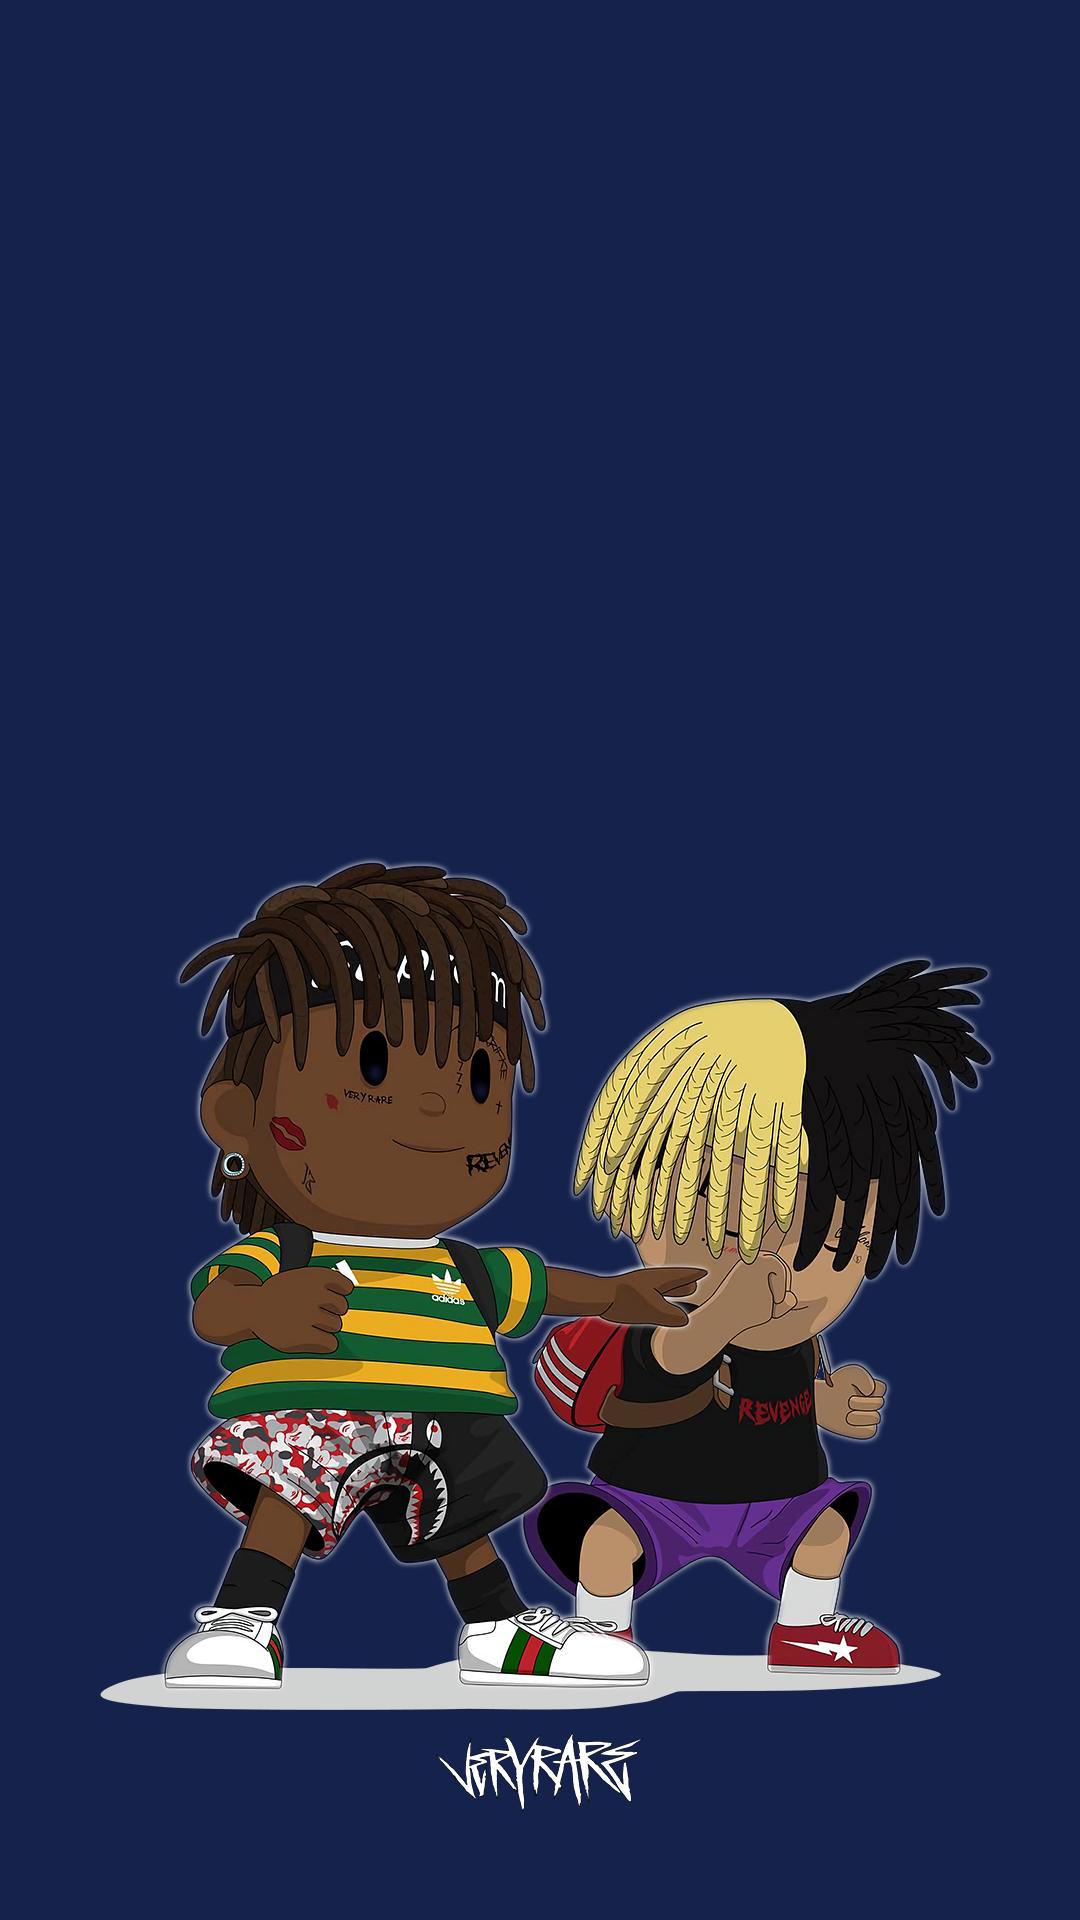 Lucas and Ness Wallpaper XXXTENTACION 1080x1920